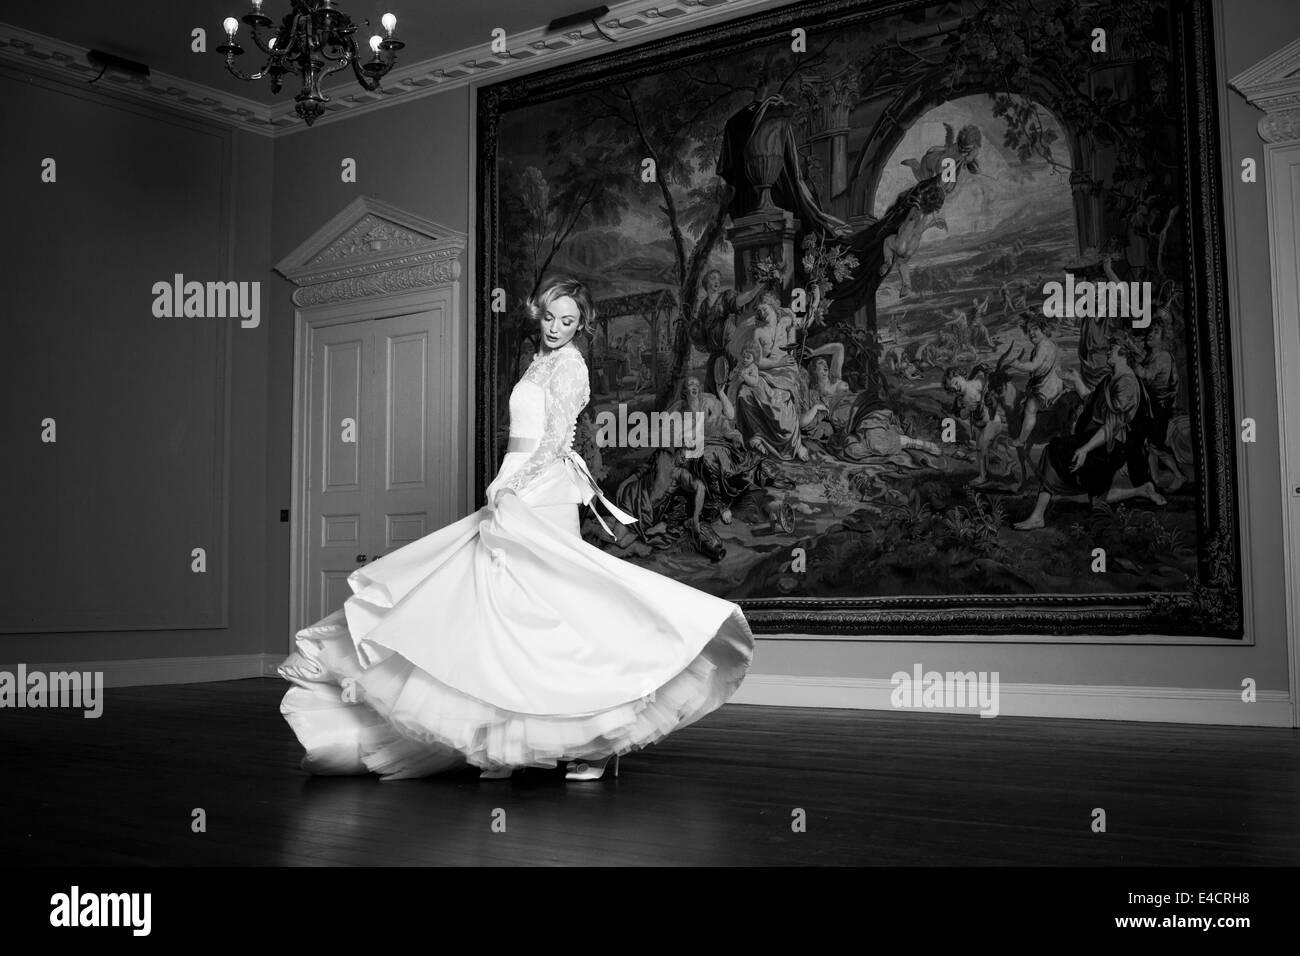 Les préparatifs de mariage, mariée contre danse ancienne peinture, Dorset, Angleterre Photo Stock